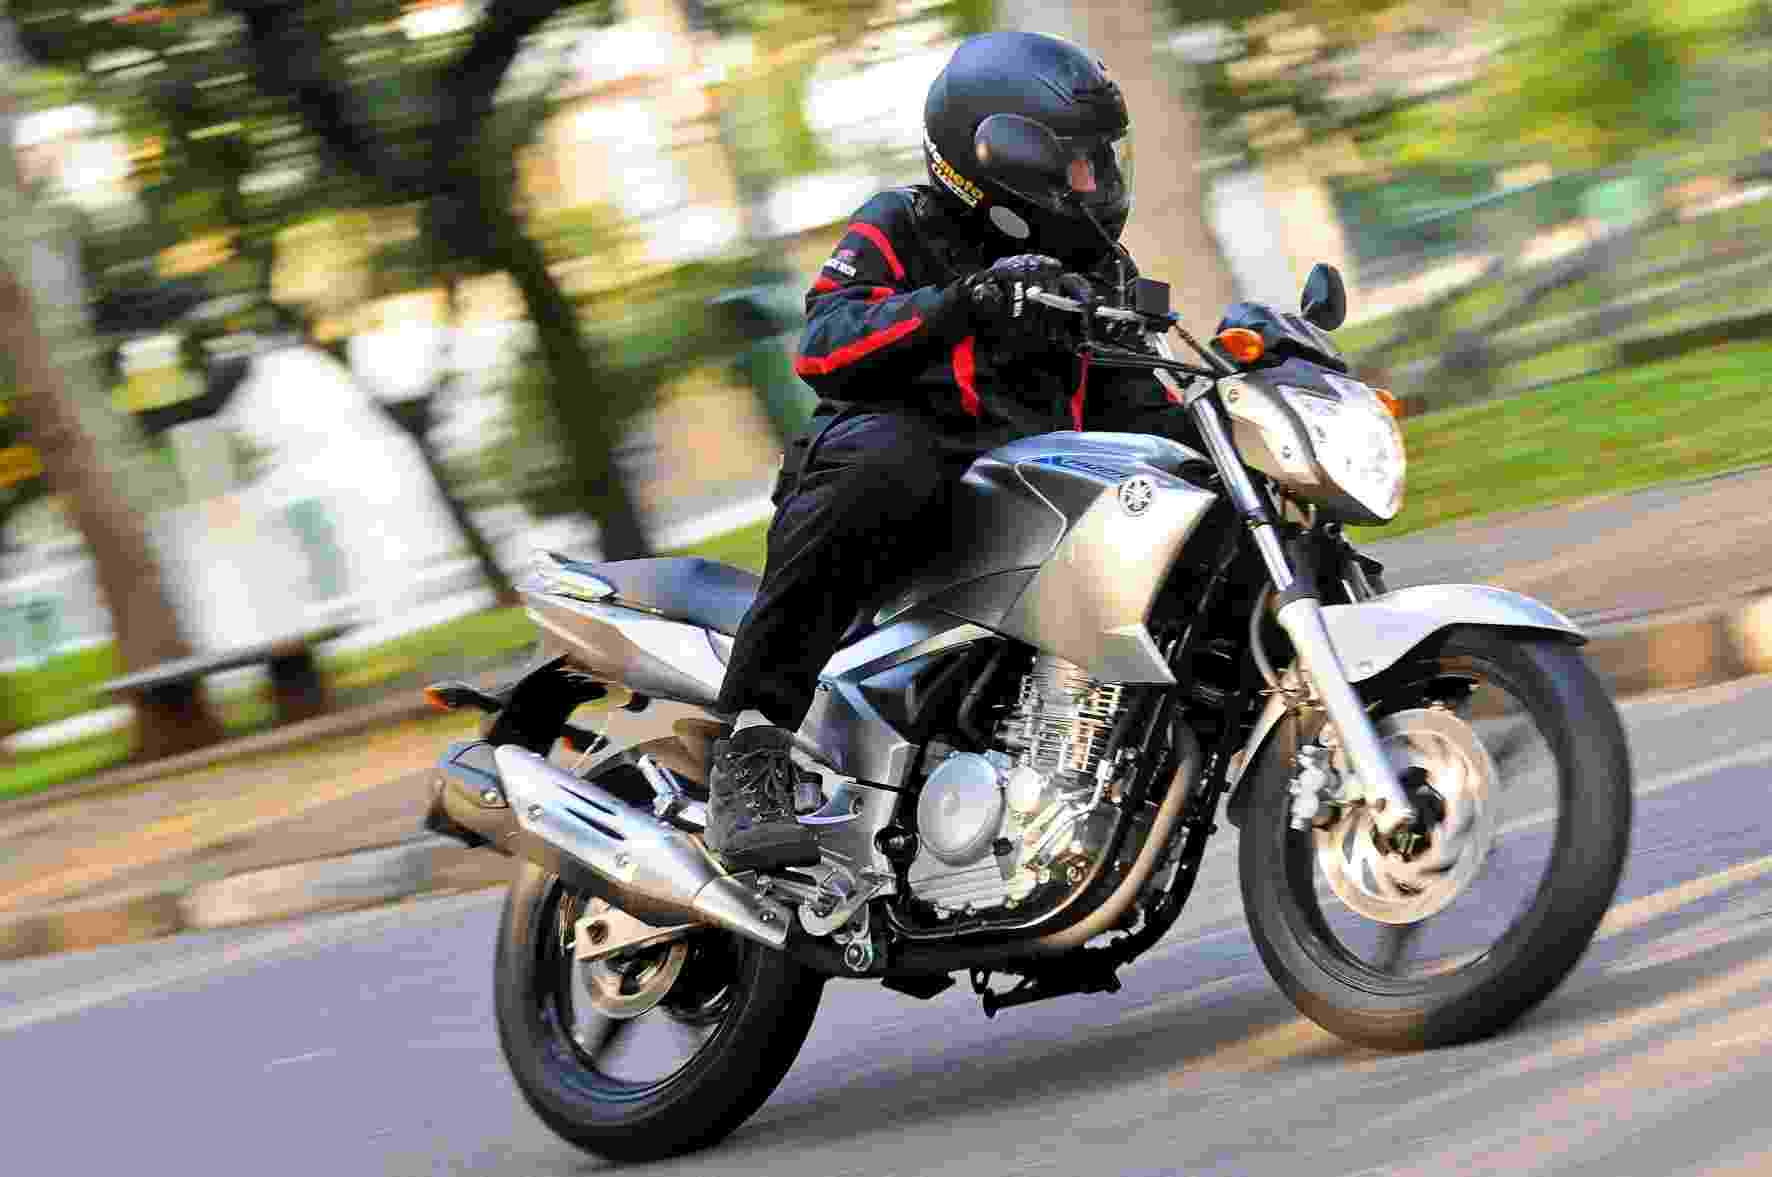 O propulsor da nova Yamaha Fazer 250 YS 2013 oferece bom rendimento em baixas e médias rotações, graças ao bom torque - Doni Castilho/Infomoto